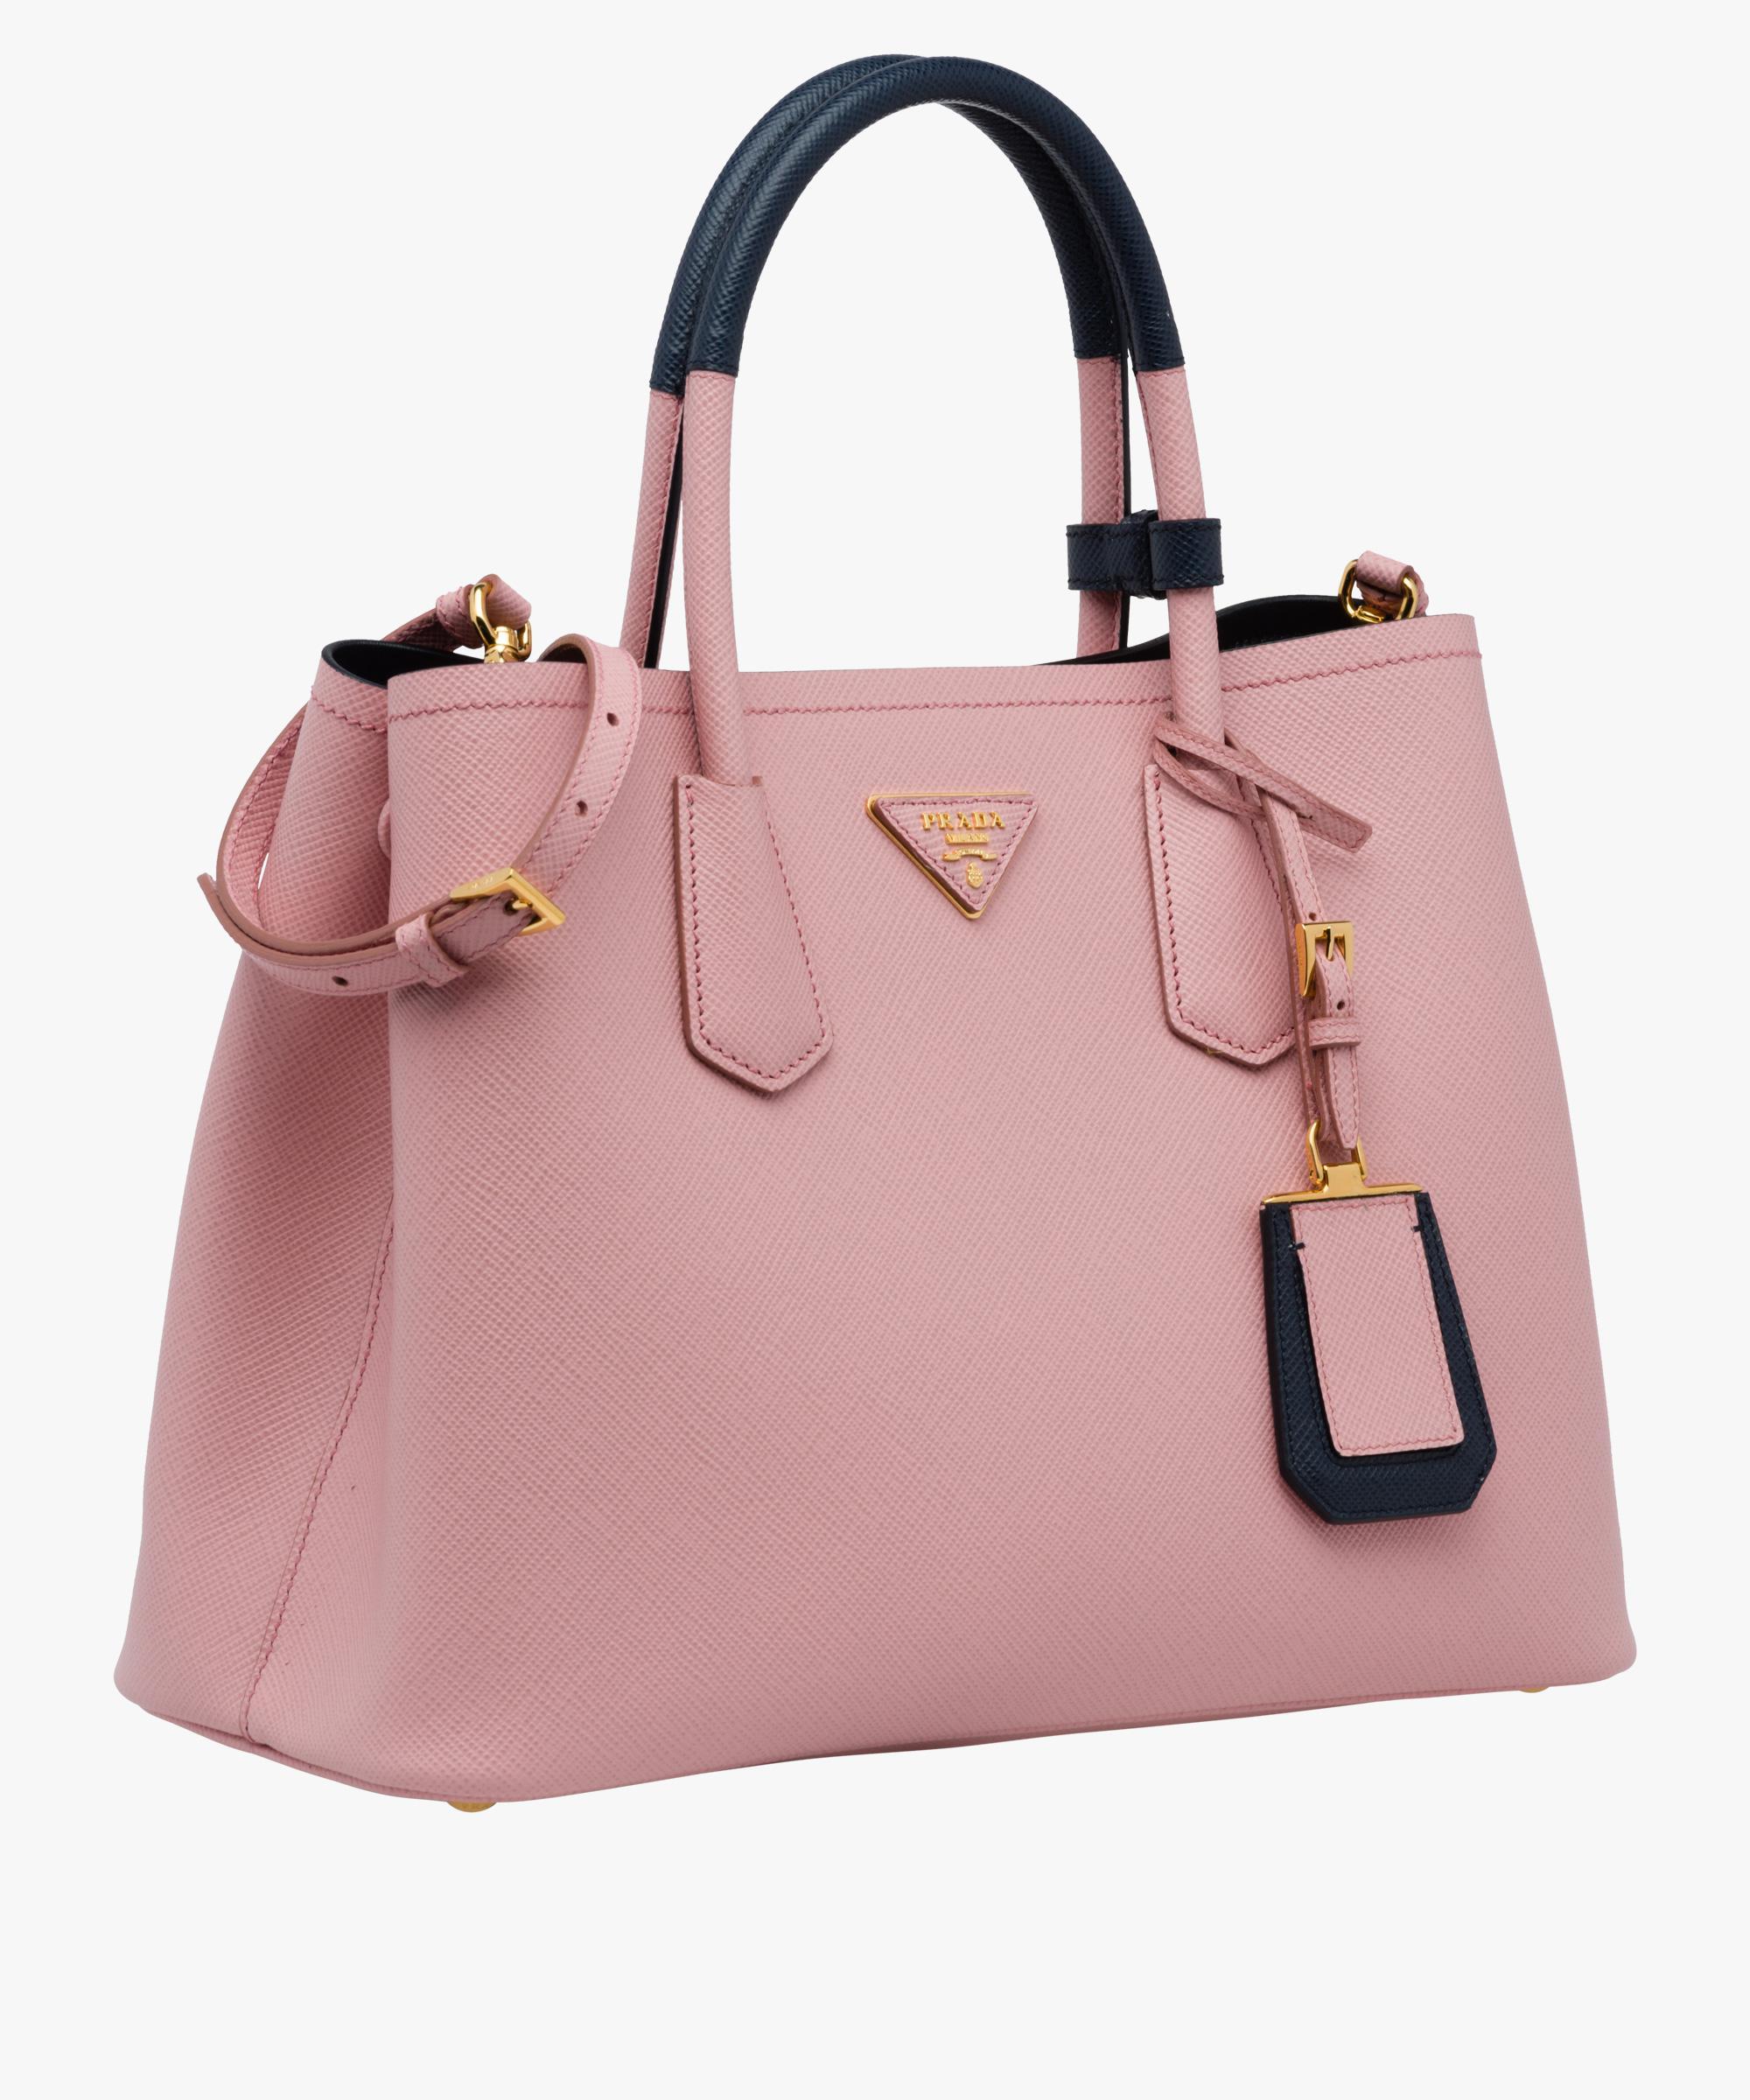 c35f046a0817 ... discount lyst prada double bag in pink 791f5 9b79e